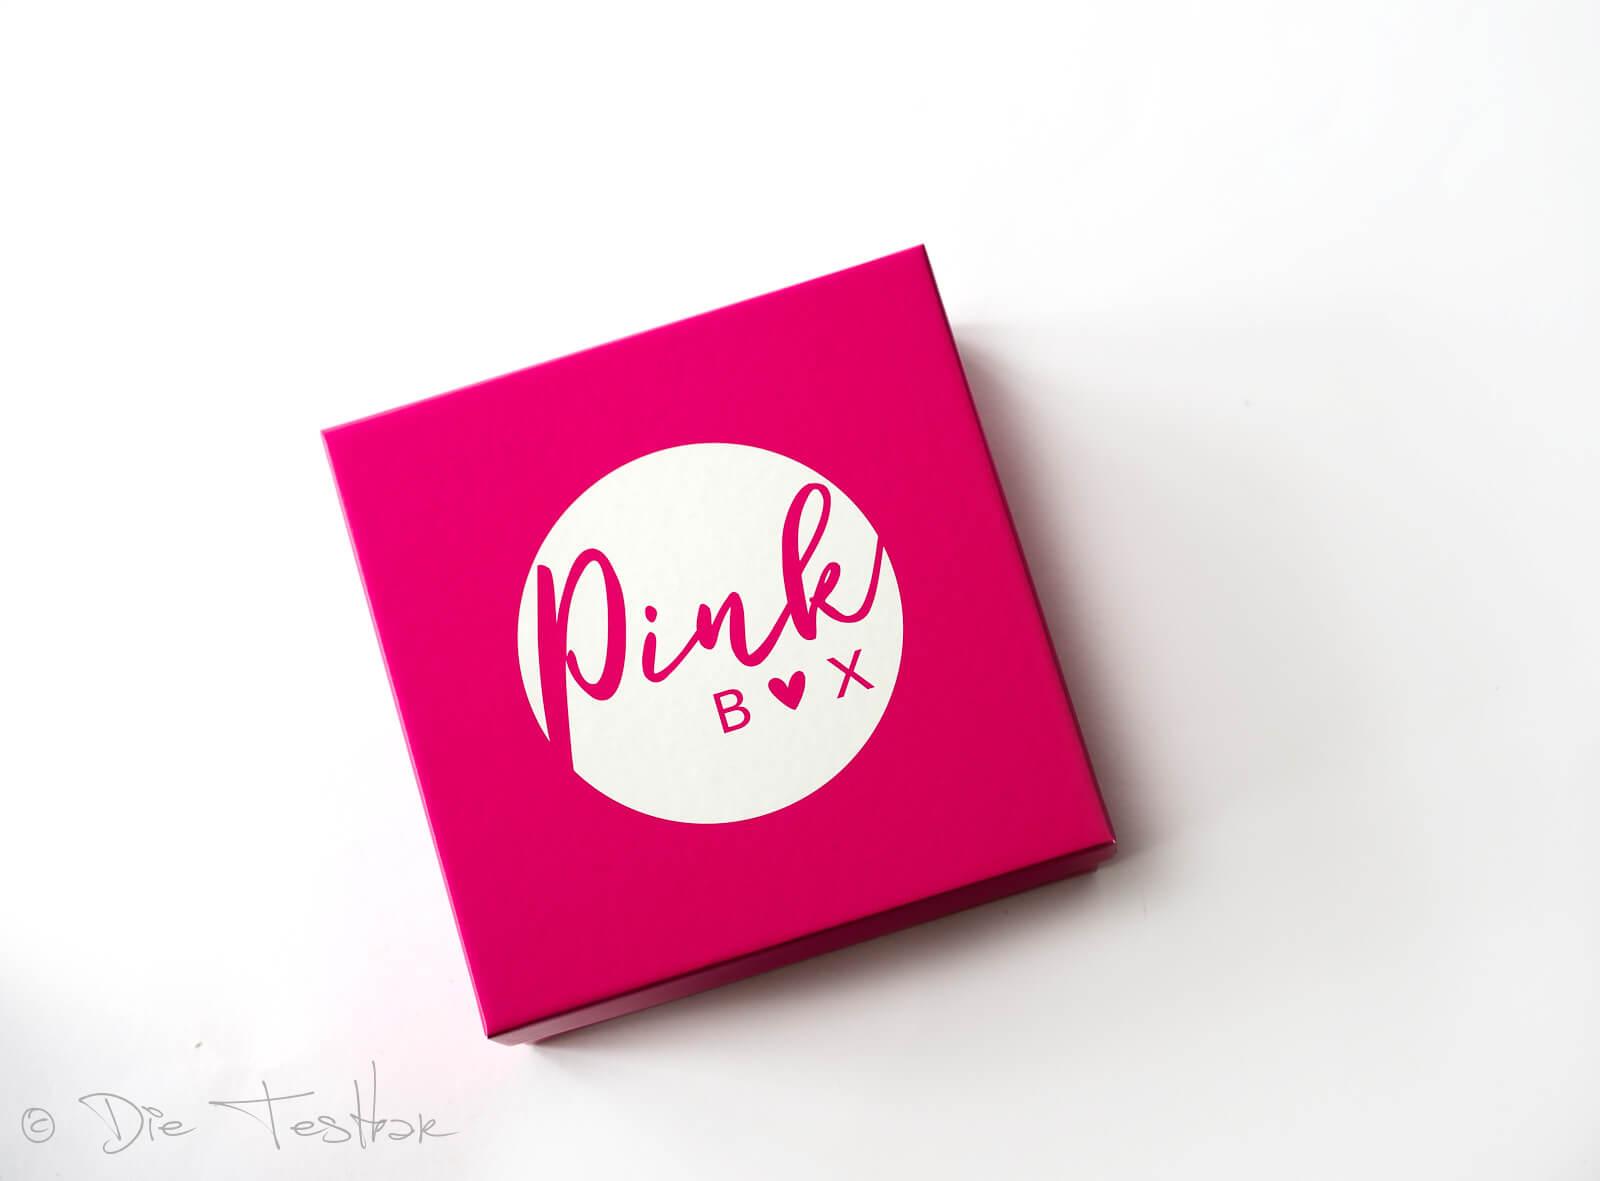 DIE PINK BOX im August 2020 – Pink Box Tutti Frutti 2020